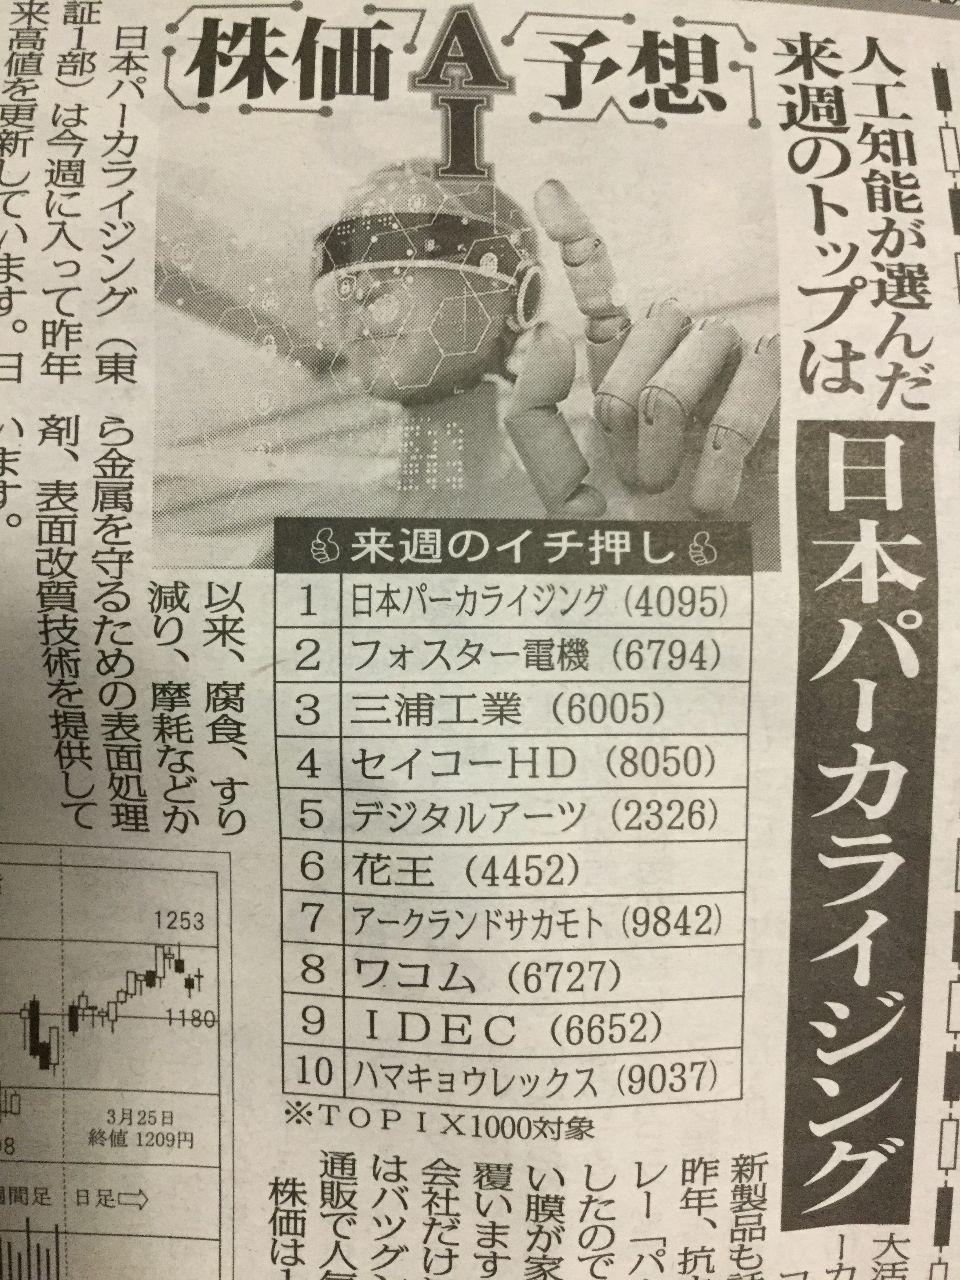 6005 - 三浦工業(株) 当てにはならんけど記事に載ってました